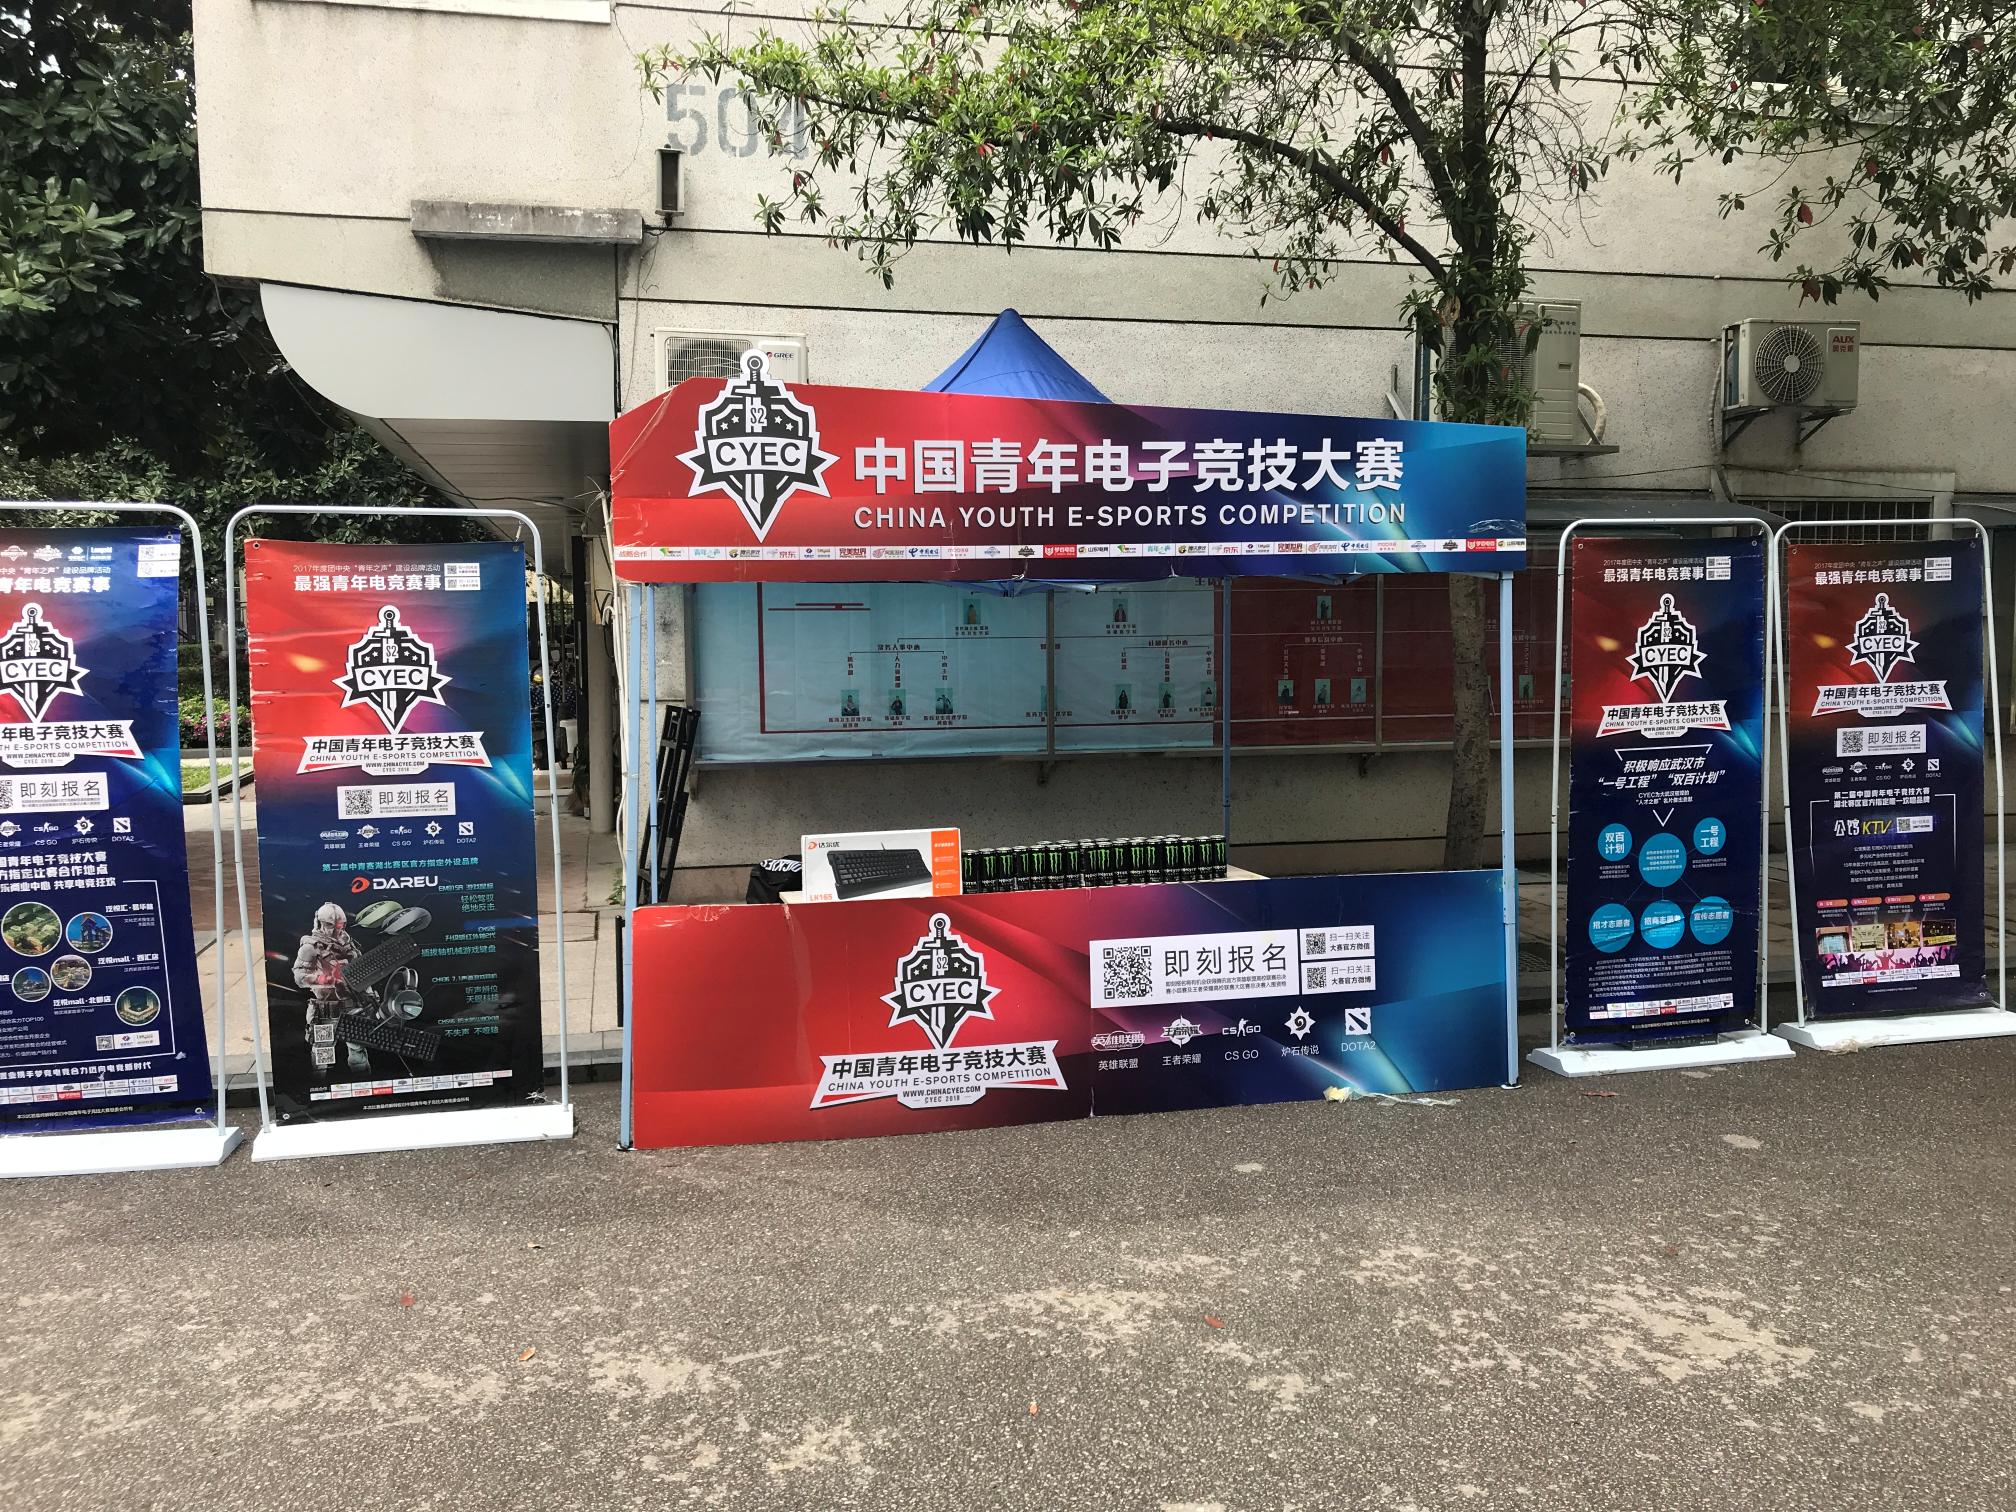 华中科技大学同济学院